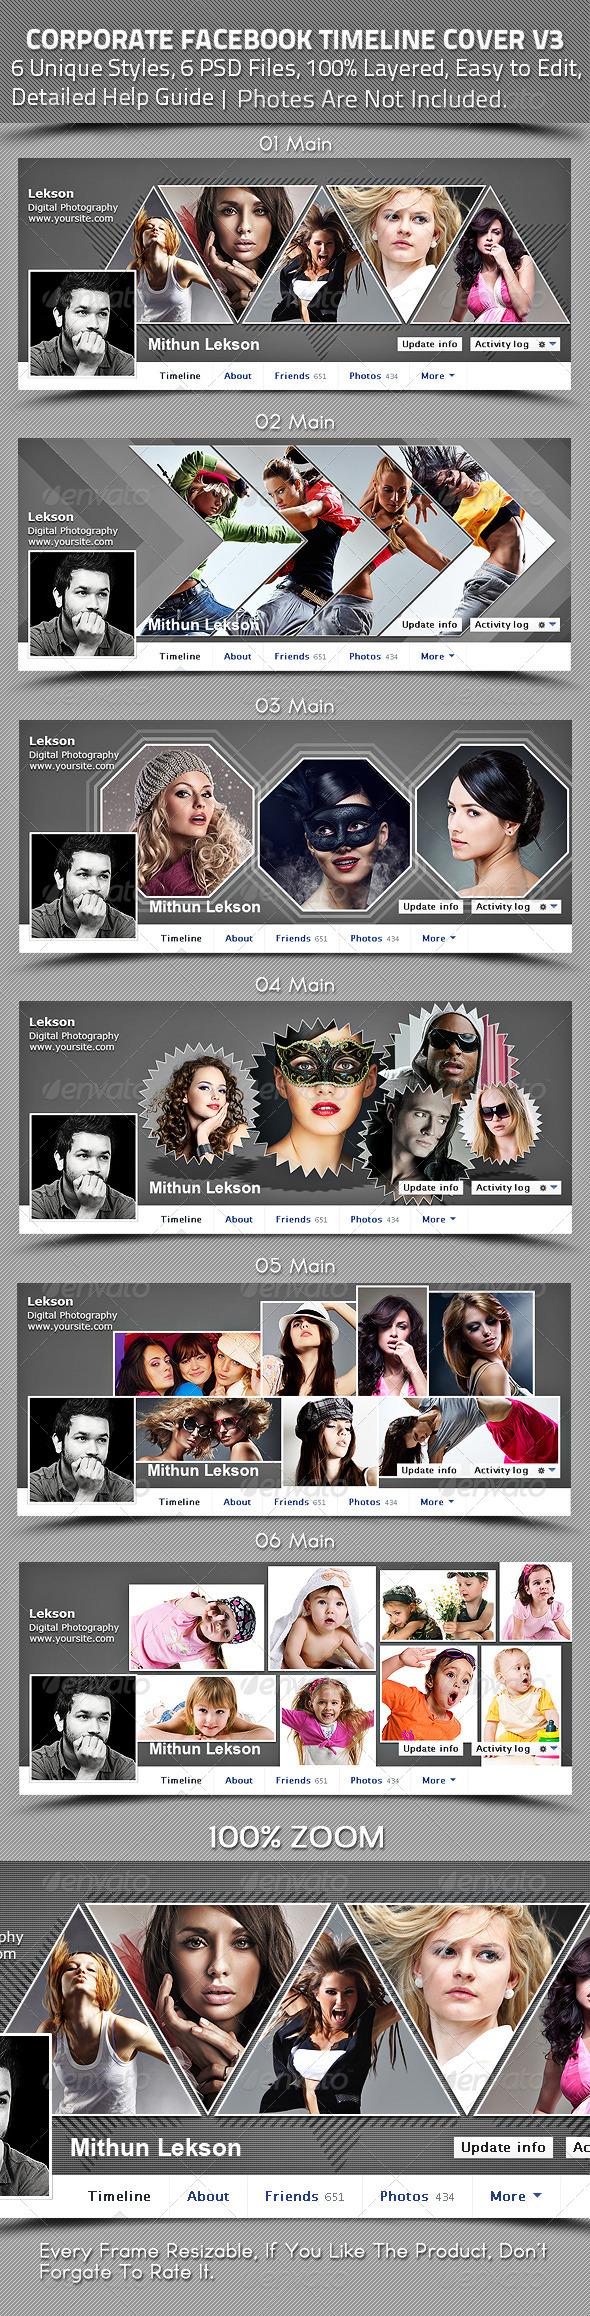 Corporate Facebook Timeline Cover V3 - Facebook Timeline Covers Social Media